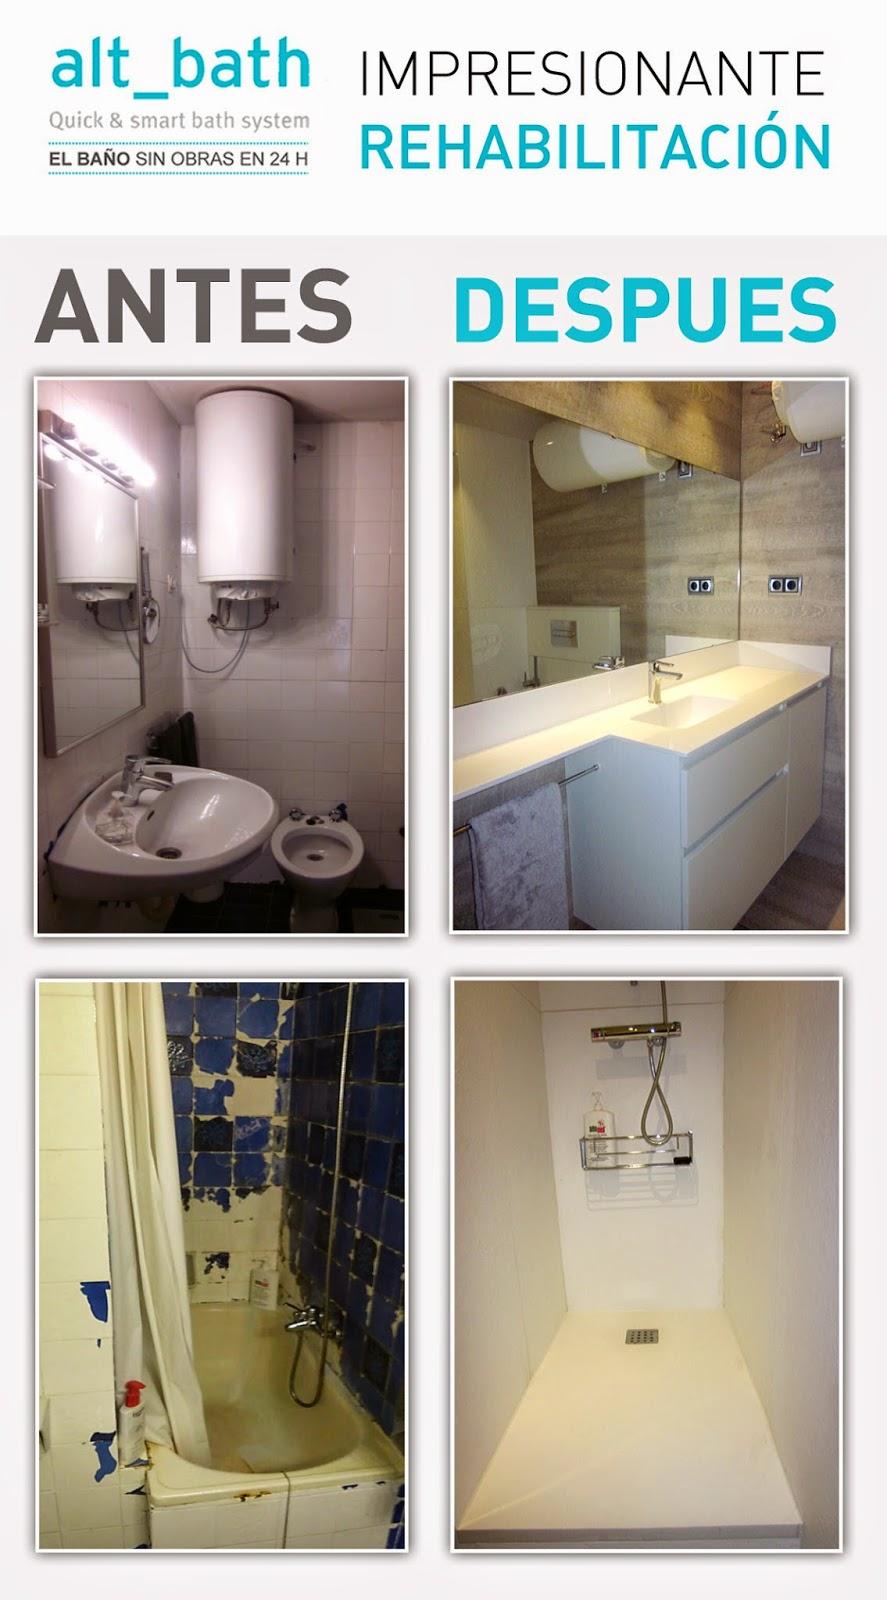 ANTES Y DESPUES: ALT_BATH REHABILITA OTRO BAÑO - Alt Bath